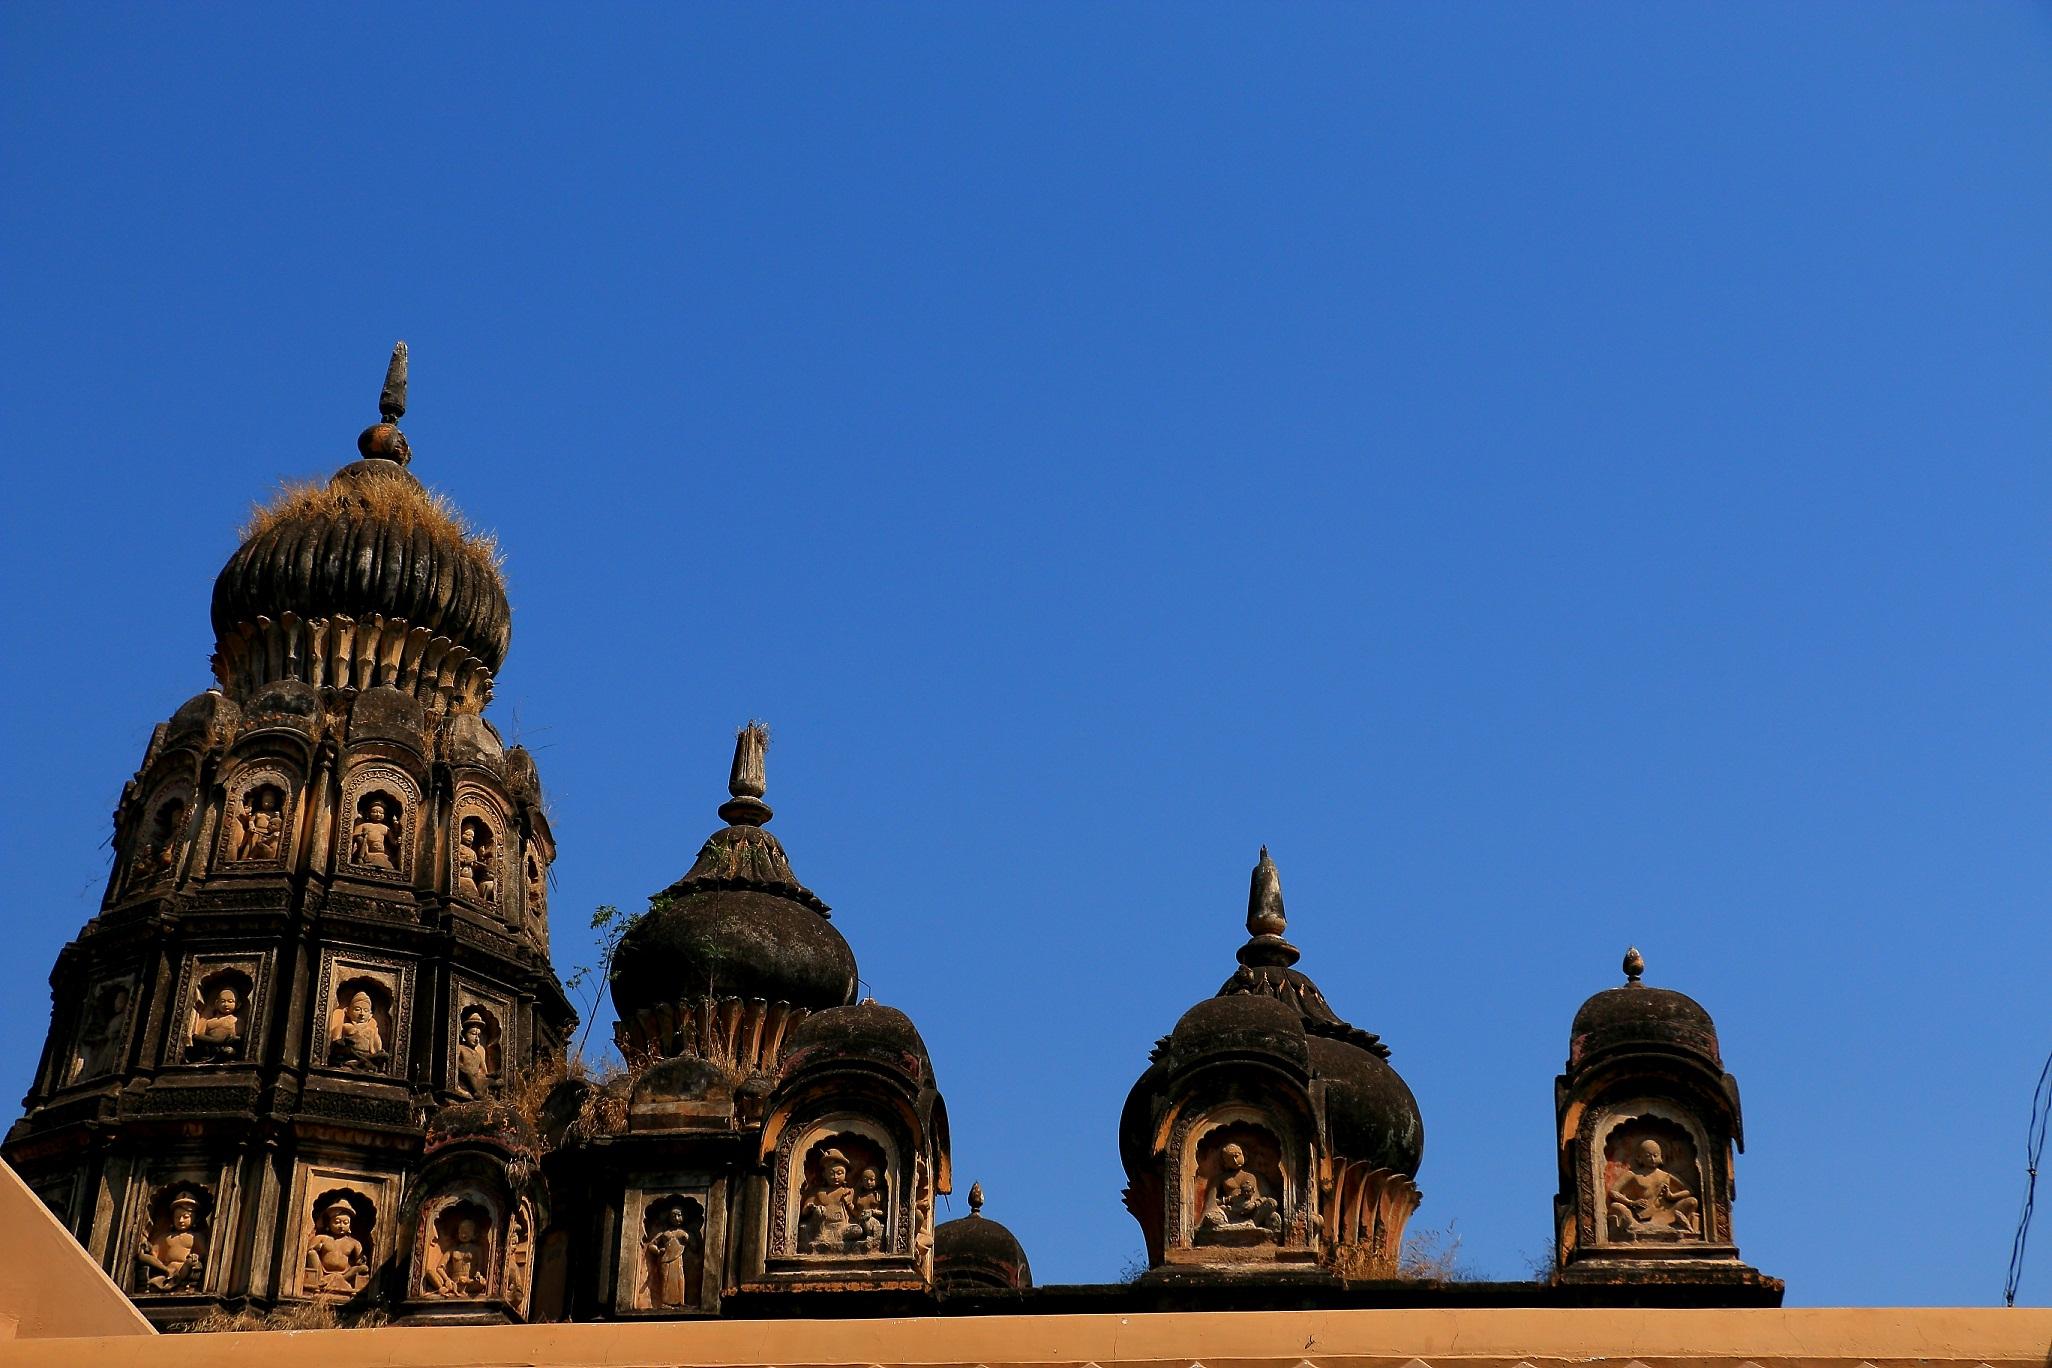 Panchgani photos around panchgani images panchgani temple photos - Kashi Vishweswara Temple